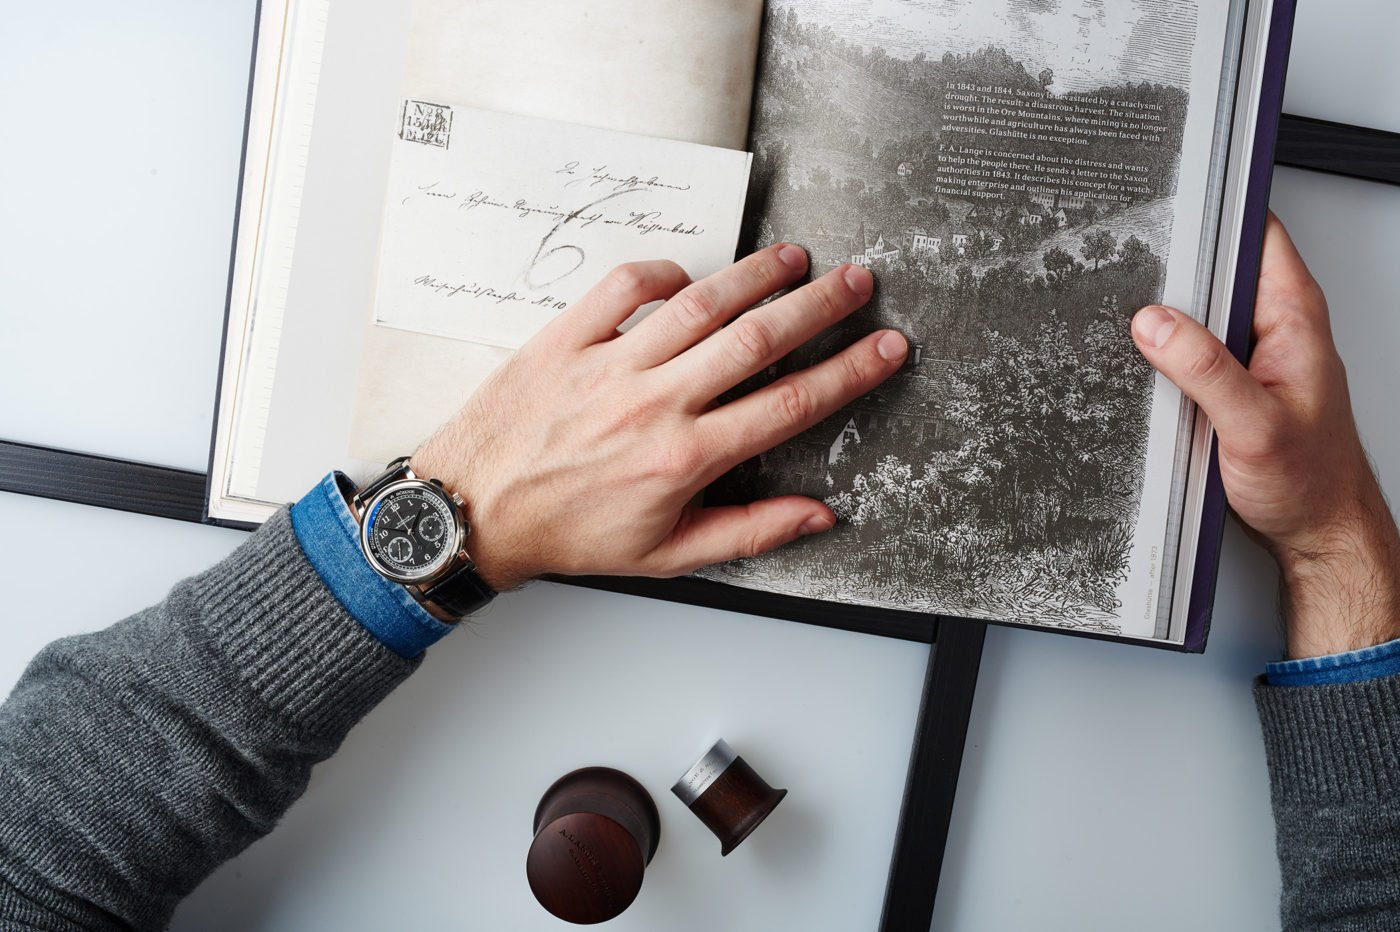 Zegarek – jak właściwie trafił na nadgarstek?